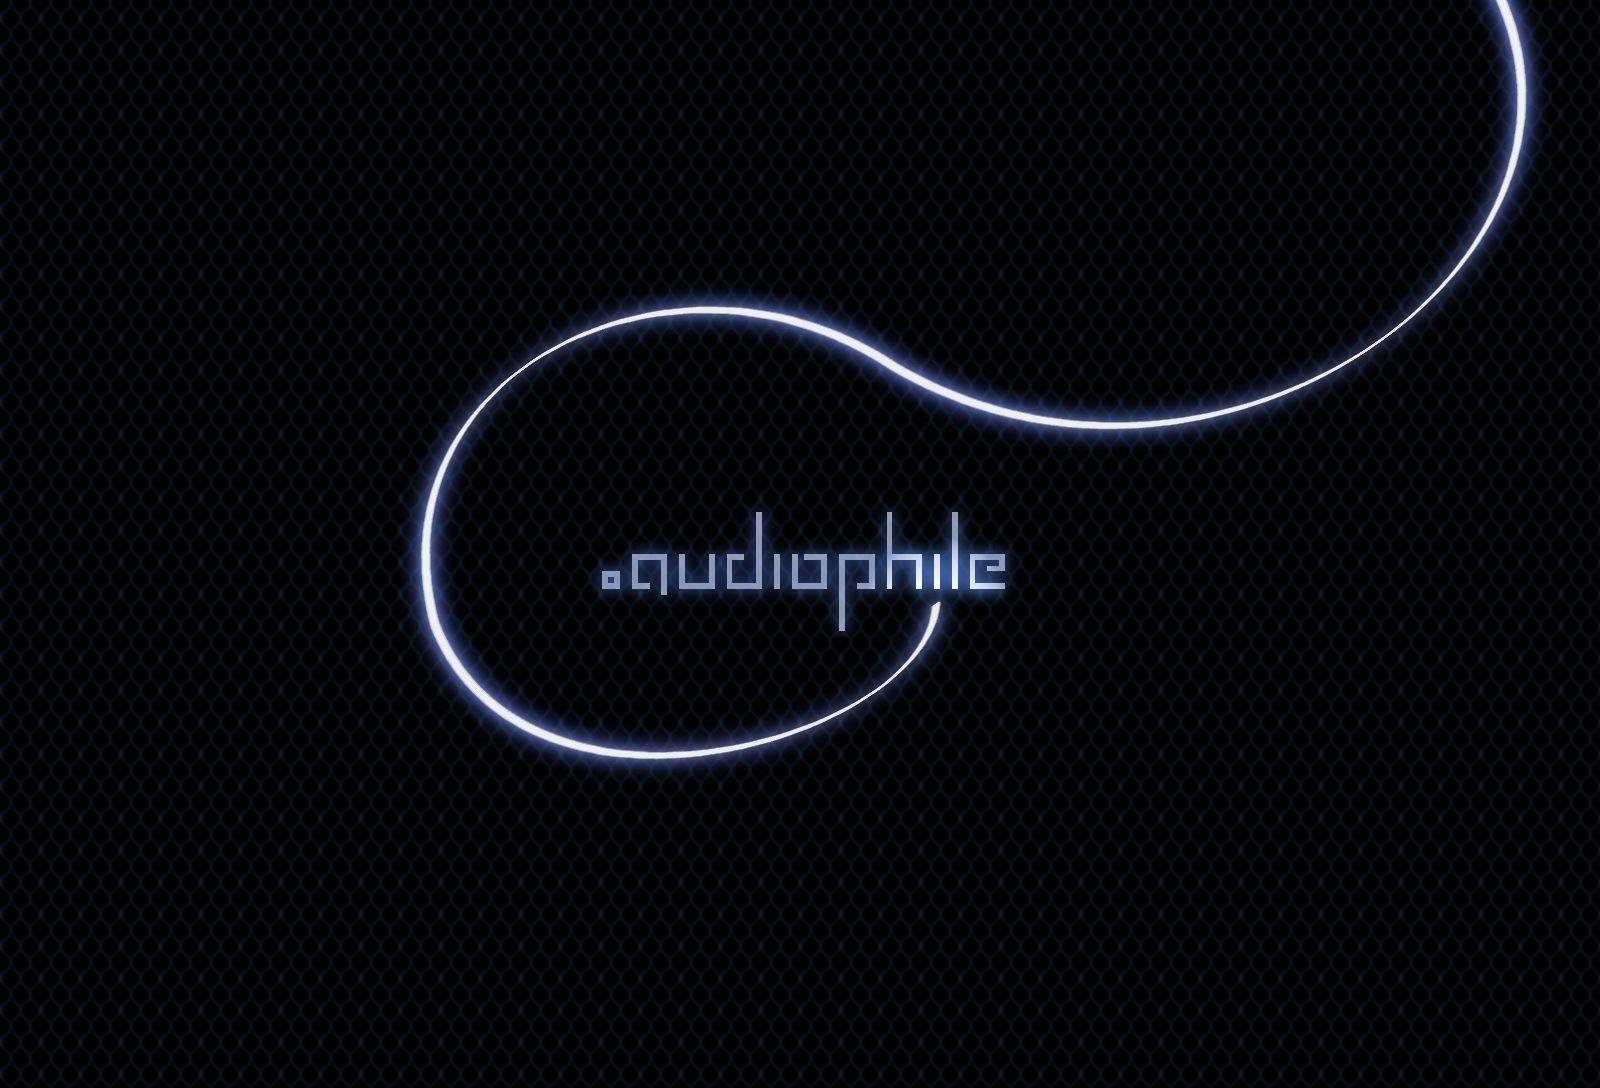 Audiophile là gì? Audiophine lấy nguồn âm từ đâu?